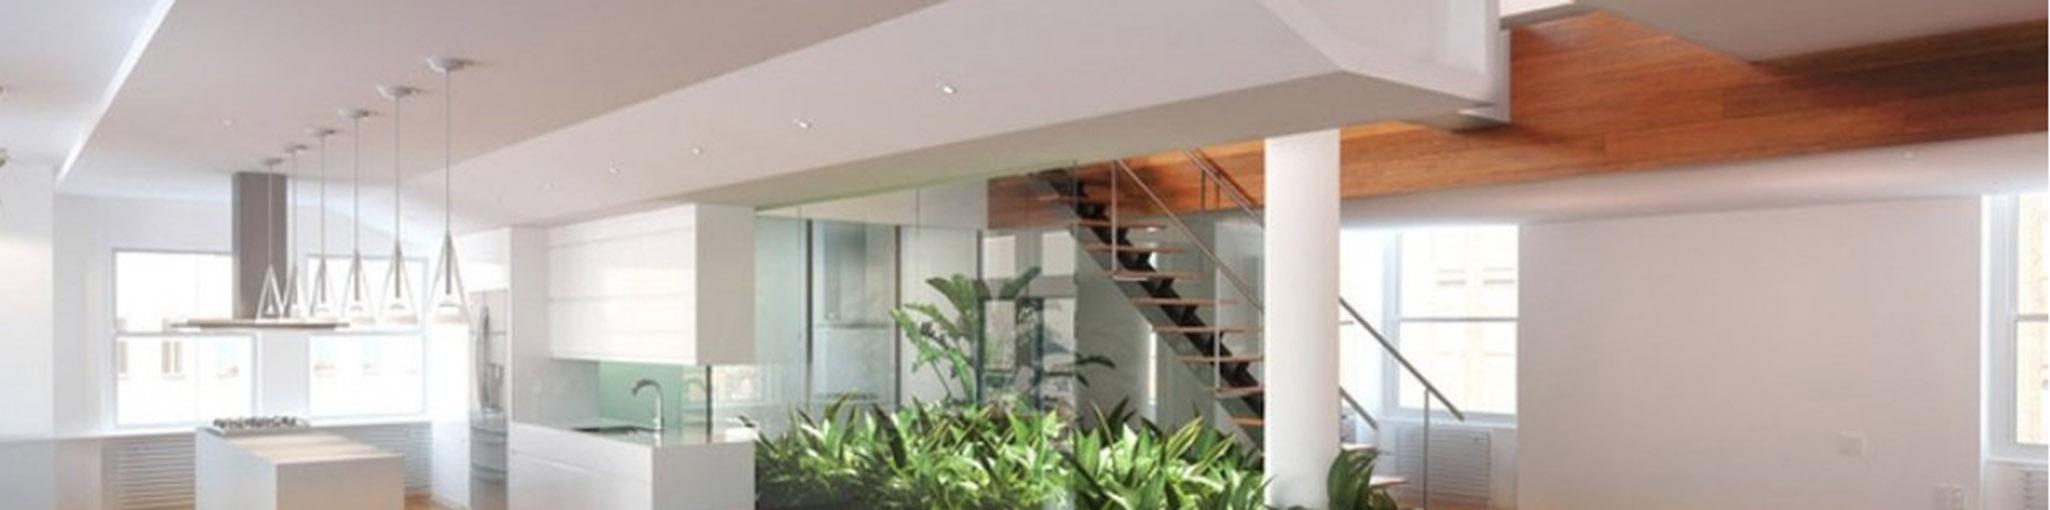 schallschutz und schalld mmung gegen l rmbel stigung pf trockenbau gmbh. Black Bedroom Furniture Sets. Home Design Ideas